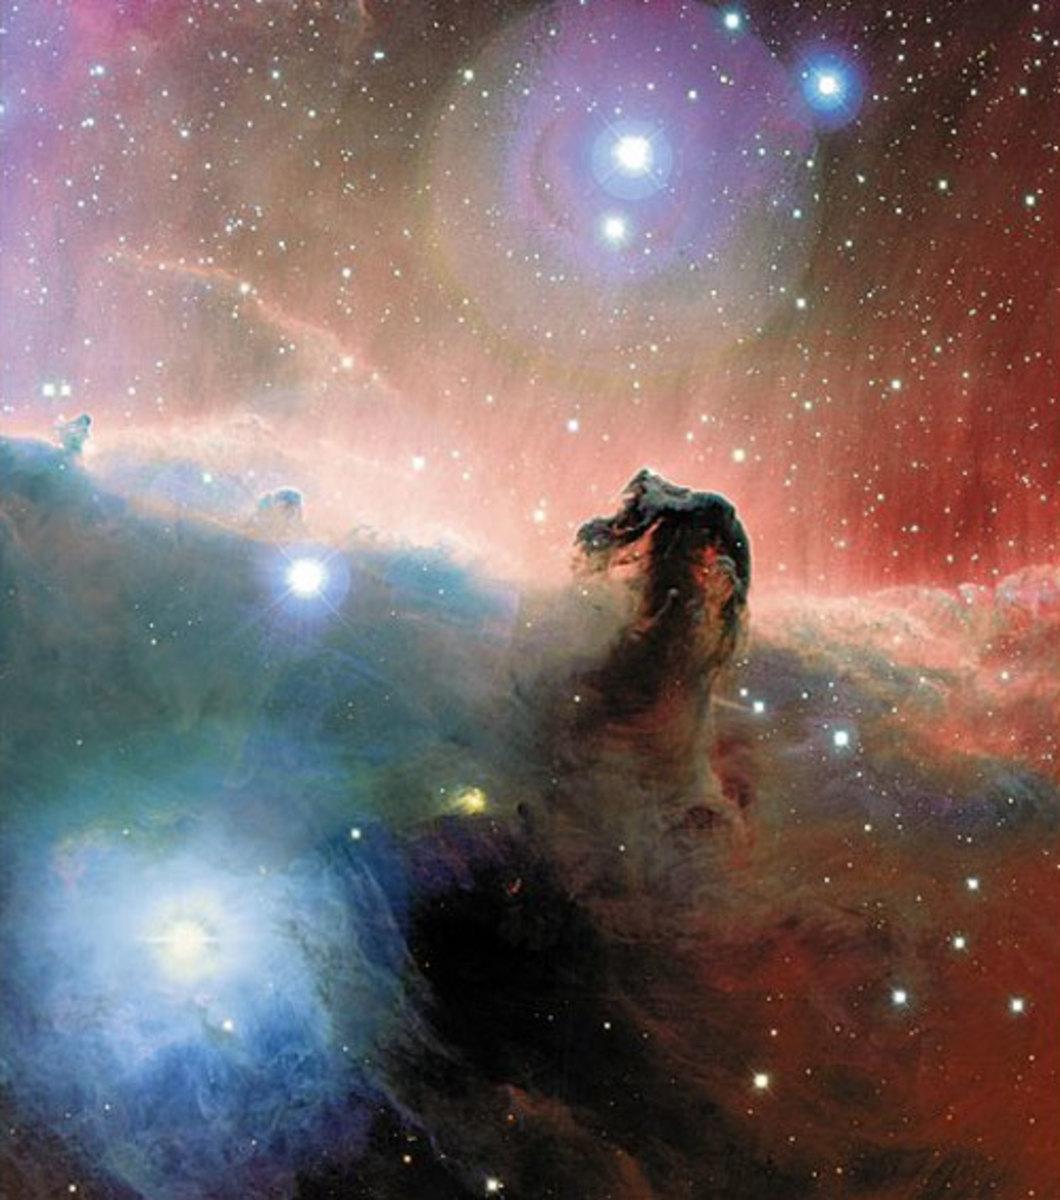 Horshead Nebula, NASA, Hubble telescope